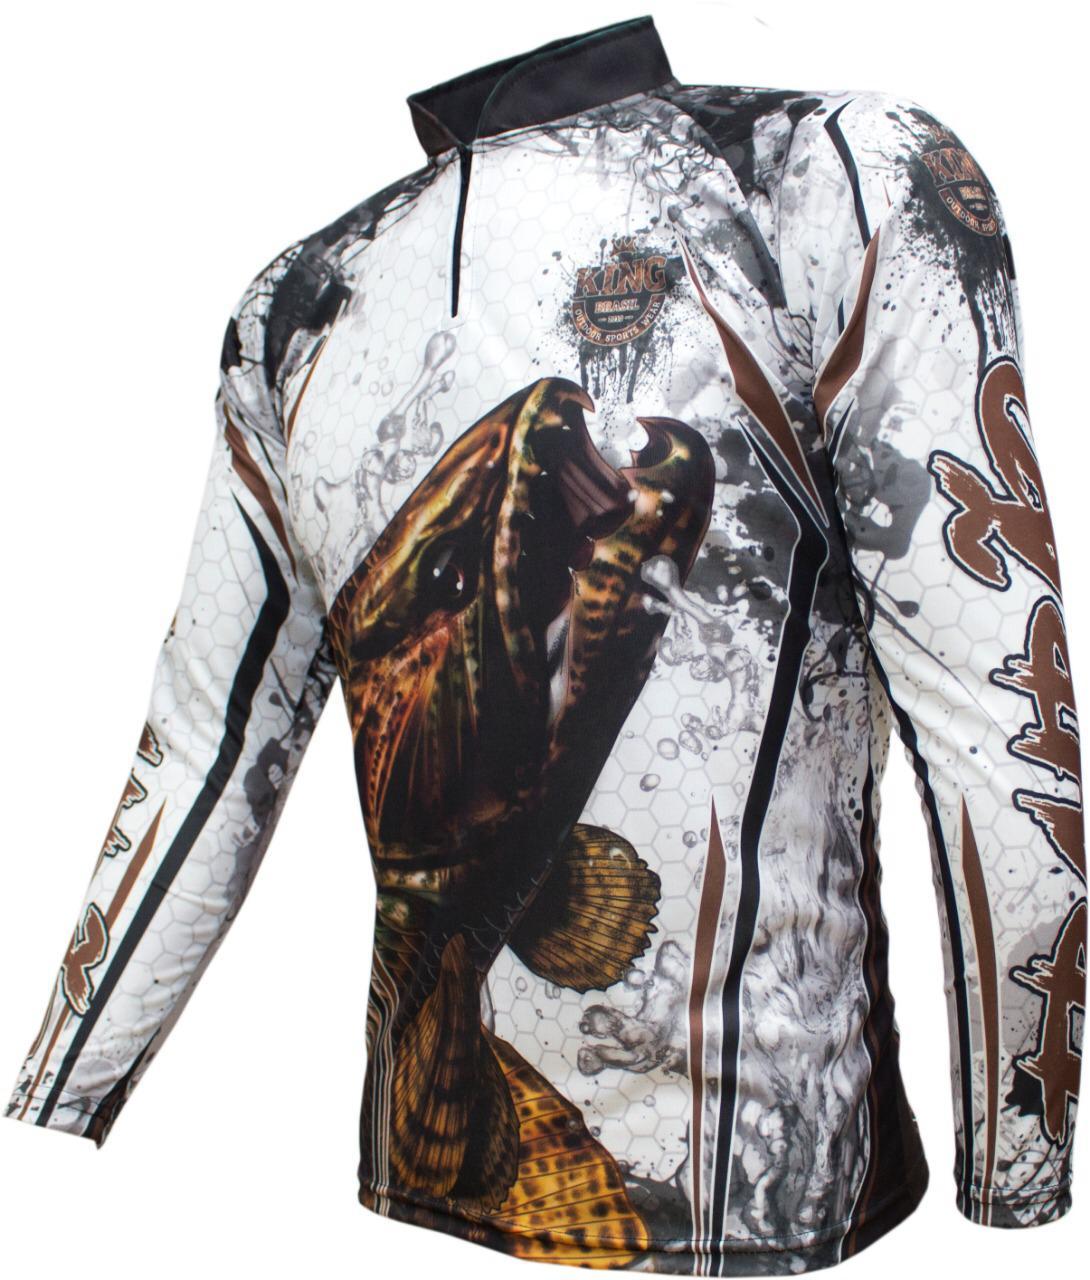 Camiseta De Pesca King Proteção Solar Uv KFF300 - Traíra  - Life Pesca - Sua loja de Pesca, Camping e Lazer